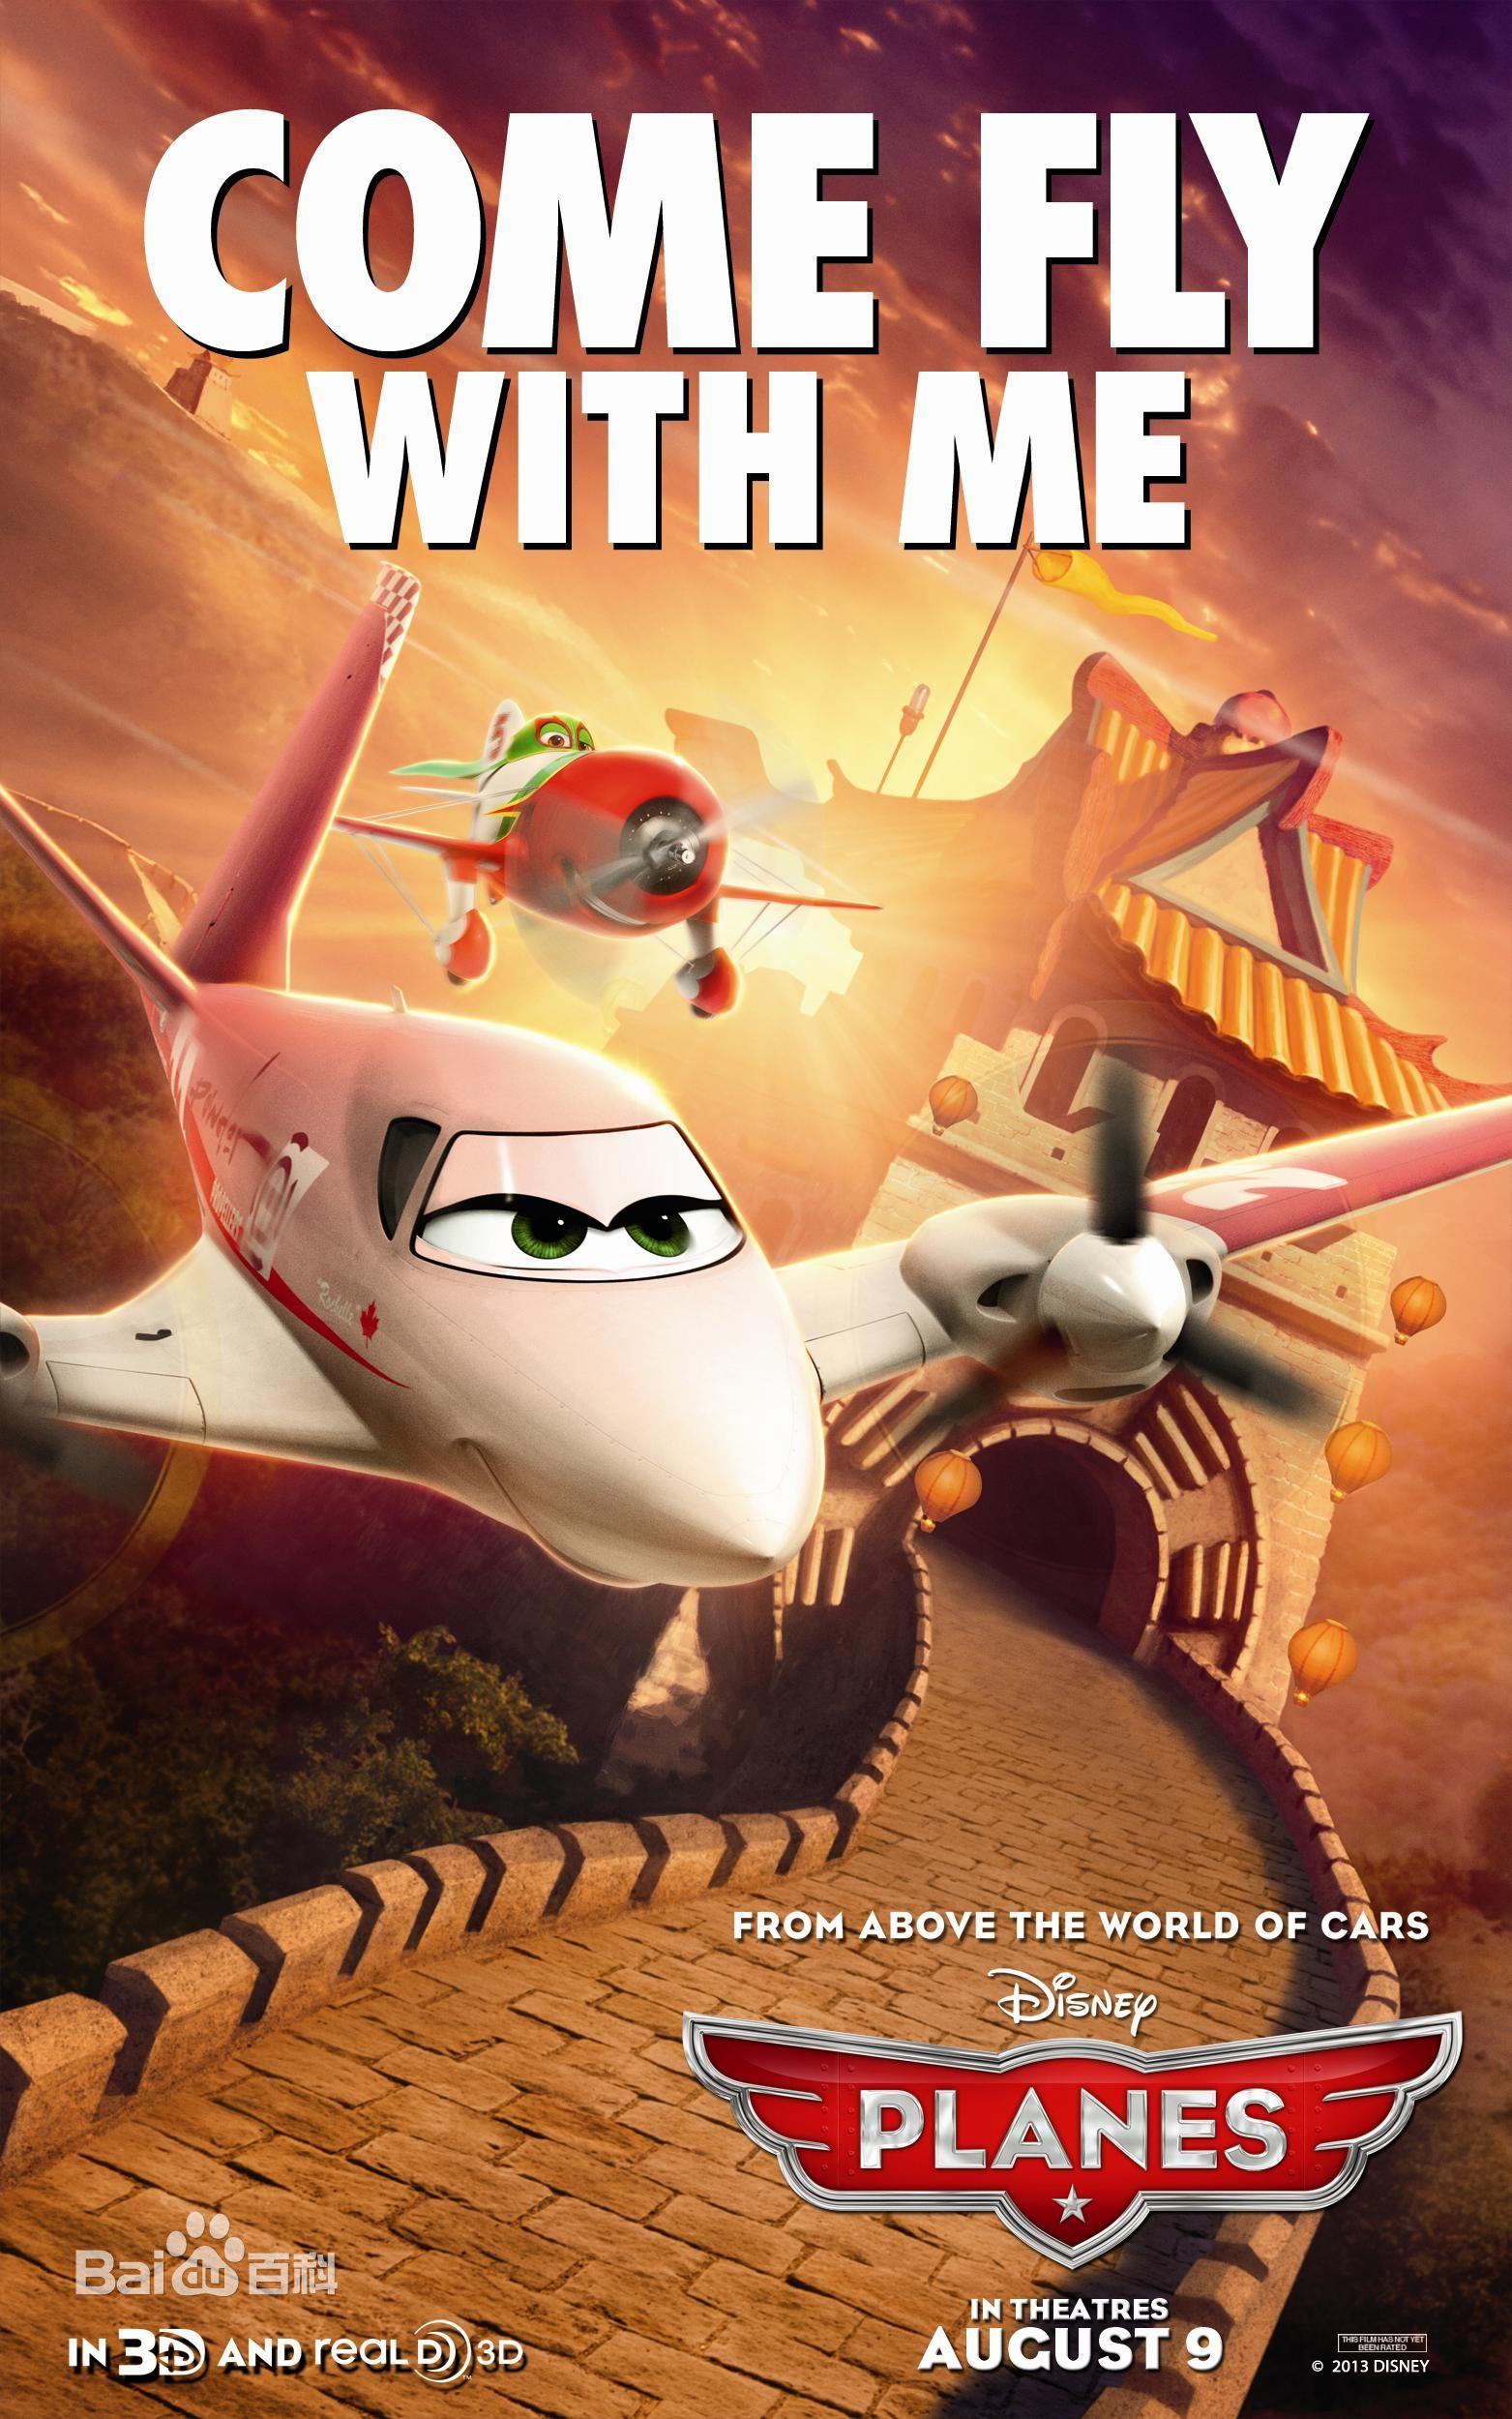 """《飞机总动员》是一部2013年上映的3D电脑动画电影。影片由迪士尼卡通工作室制作,华特迪士尼影片公司发行,是皮克斯动画工作室《赛车总动员》系列的衍生作品。由克雷豪尔执导,皮克斯首席创意官约翰拉塞特担任编剧,丹尼库克和斯泰西基齐联袂献声配音。 影片讲述一架名叫""""达斯蒂""""的小飞机,一直梦想着能参与全世界最大规模的飞行比赛,但他有着一项致命的缺点恐高。最终在伙伴们的帮助下,""""达斯蒂""""勇敢地战胜了困难,接受了人生中最大的挑战。 《飞机总动员:火线救援》是电影《飞机总动员》的续集又名《飞机总动员2"""